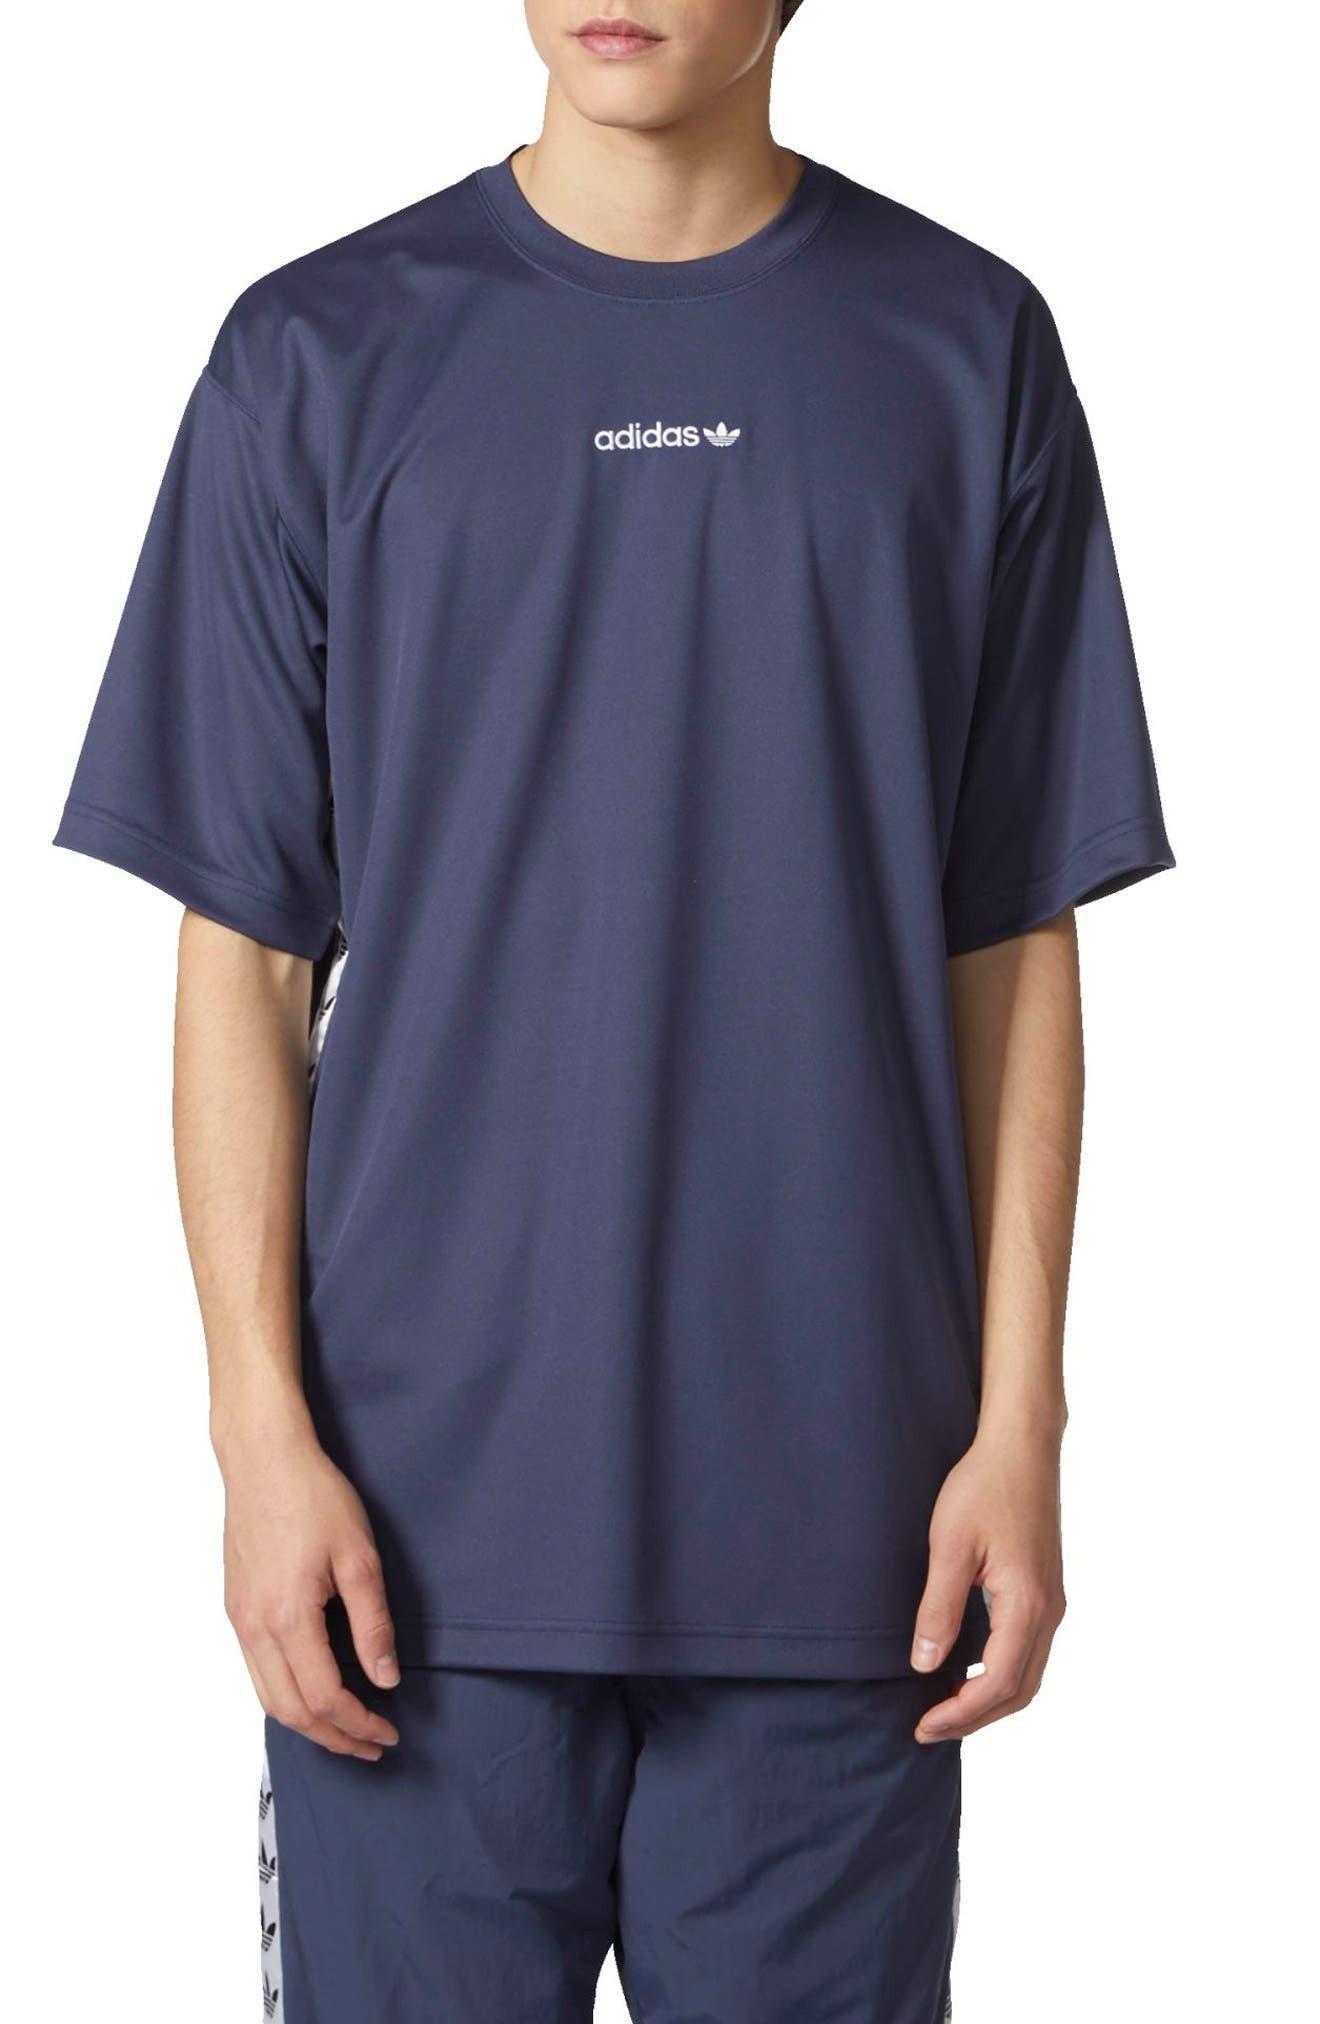 TNT Tape T-Shirt,                             Main thumbnail 1, color,                             Trace Blue/ White